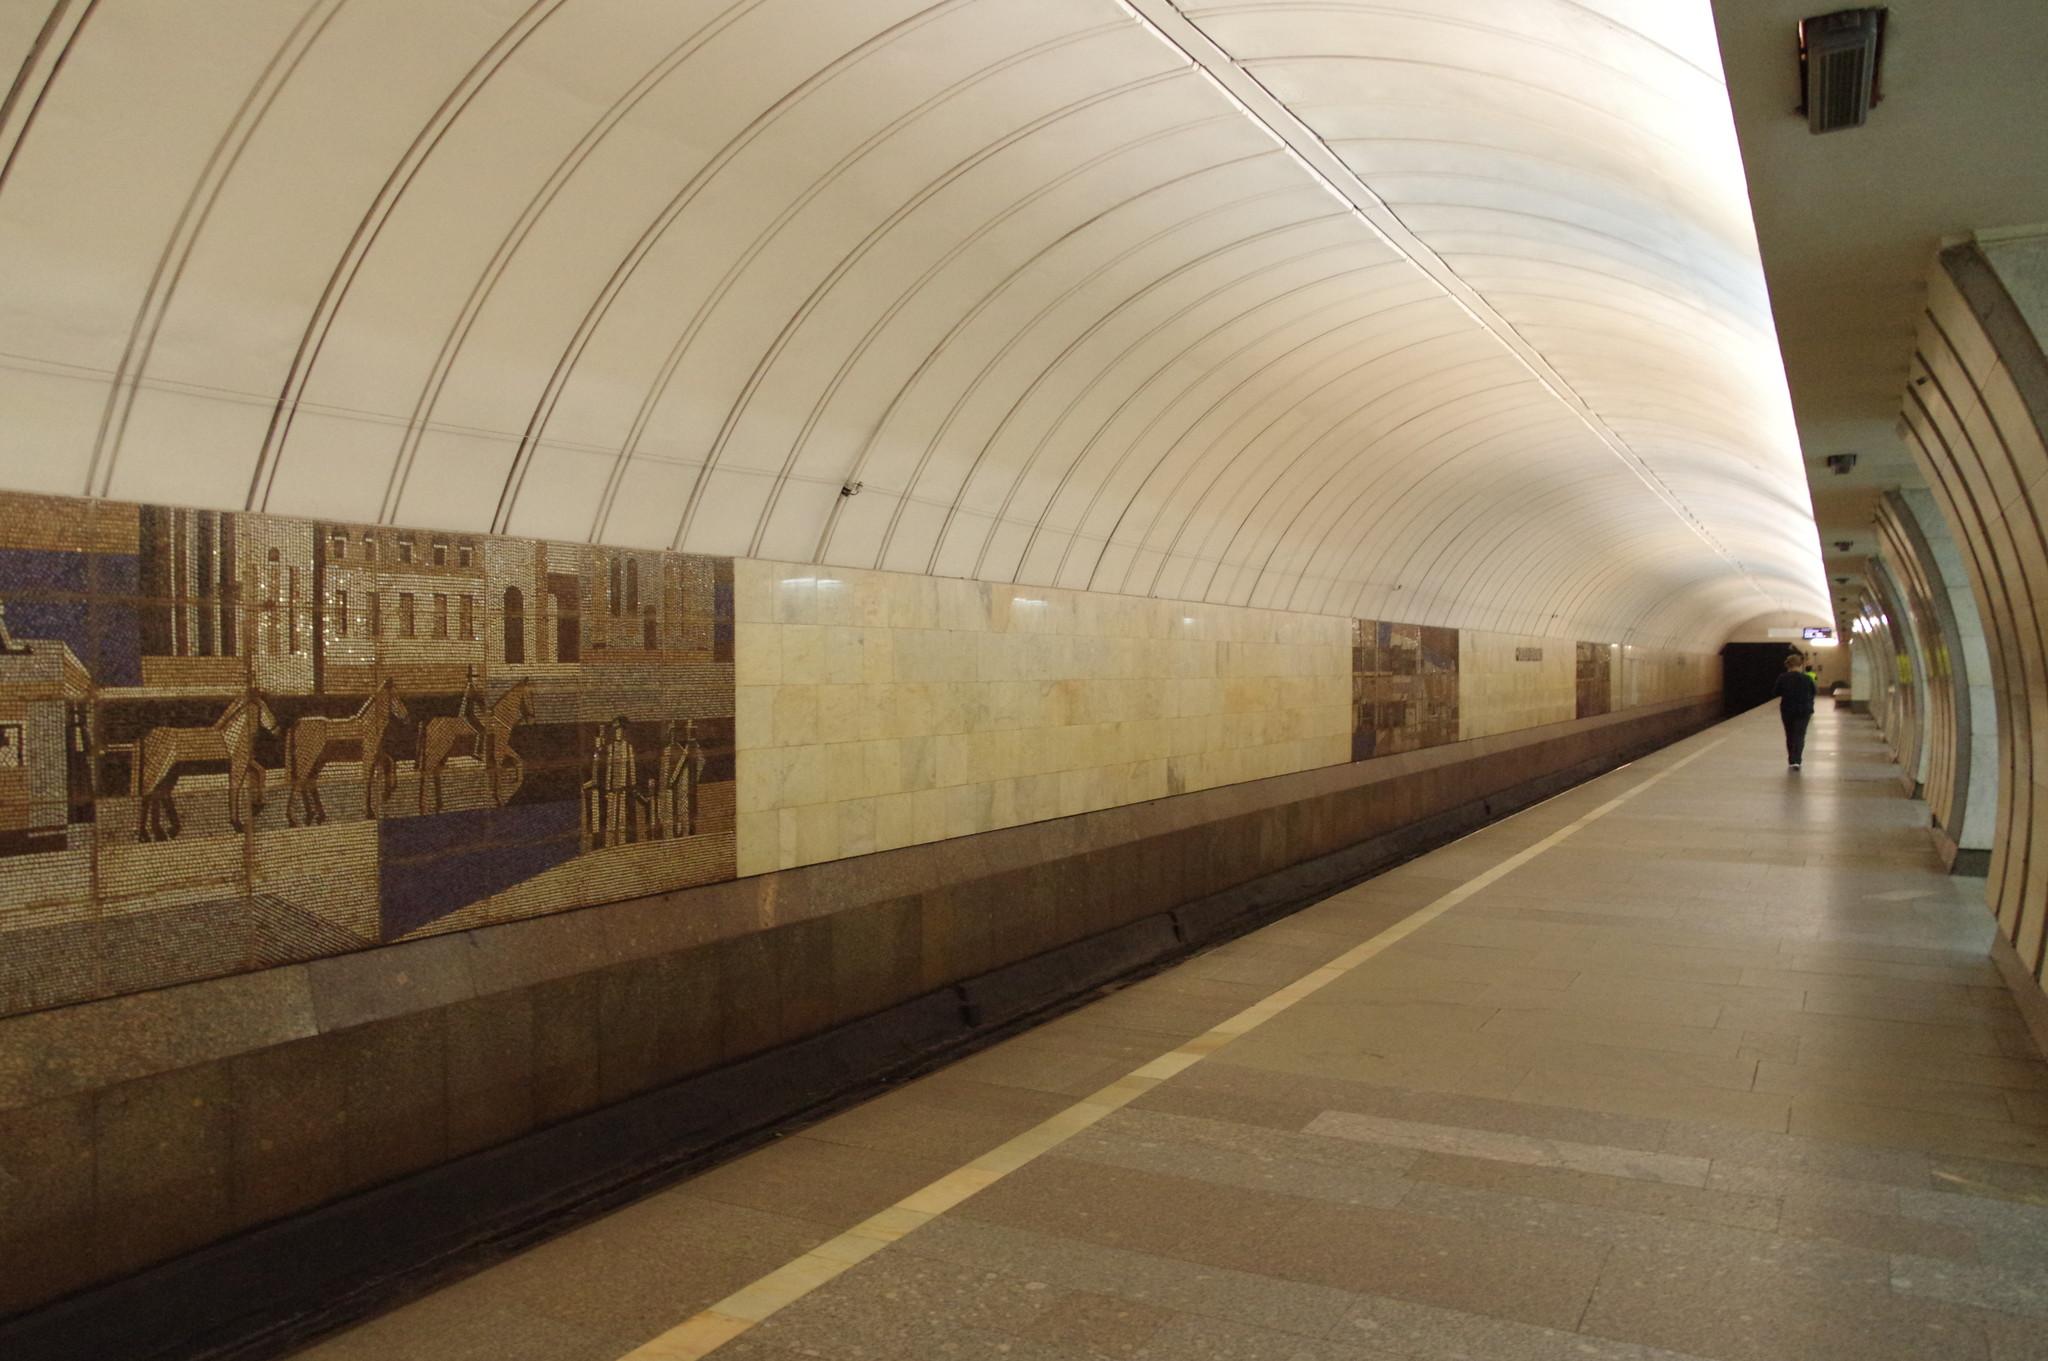 Станция «Савёловская» Серпуховско-Тимирязевской линии